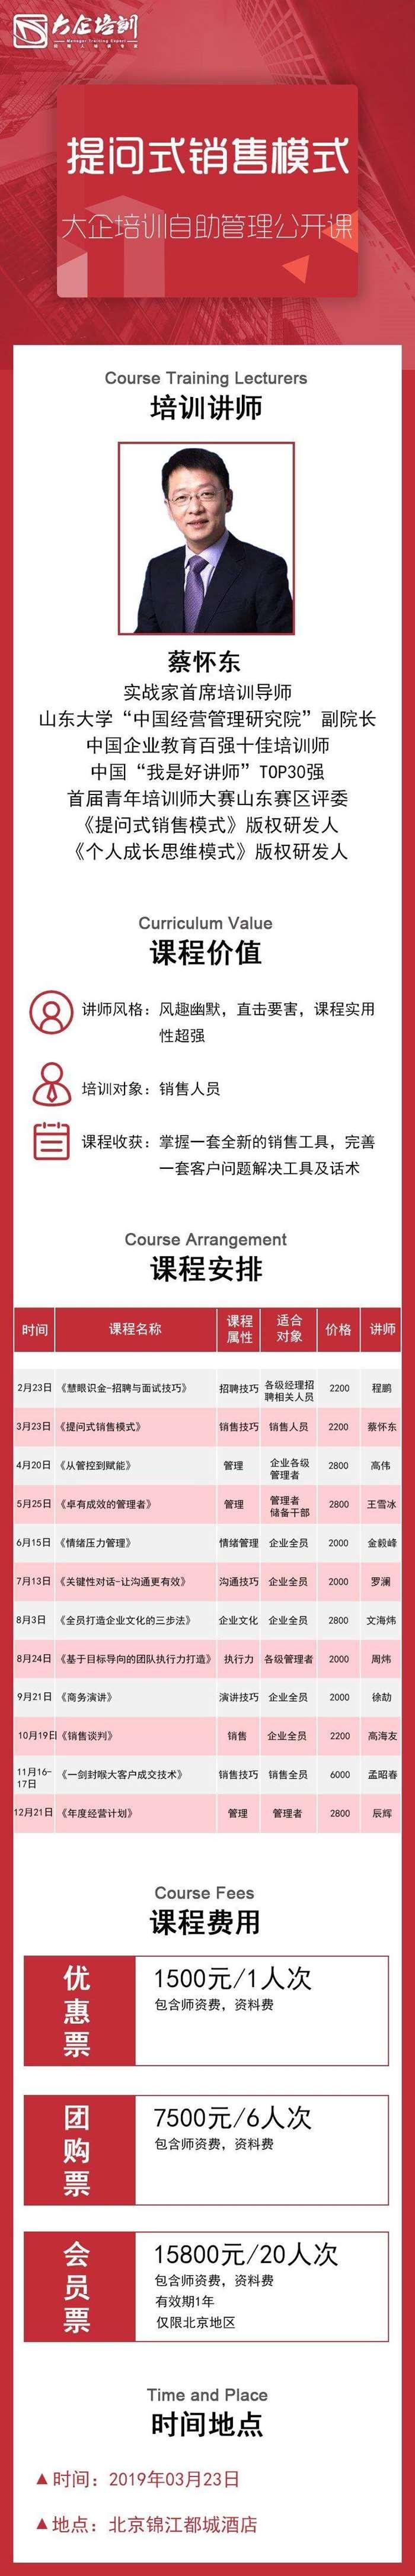 大企培训自助管理公开课.jpg